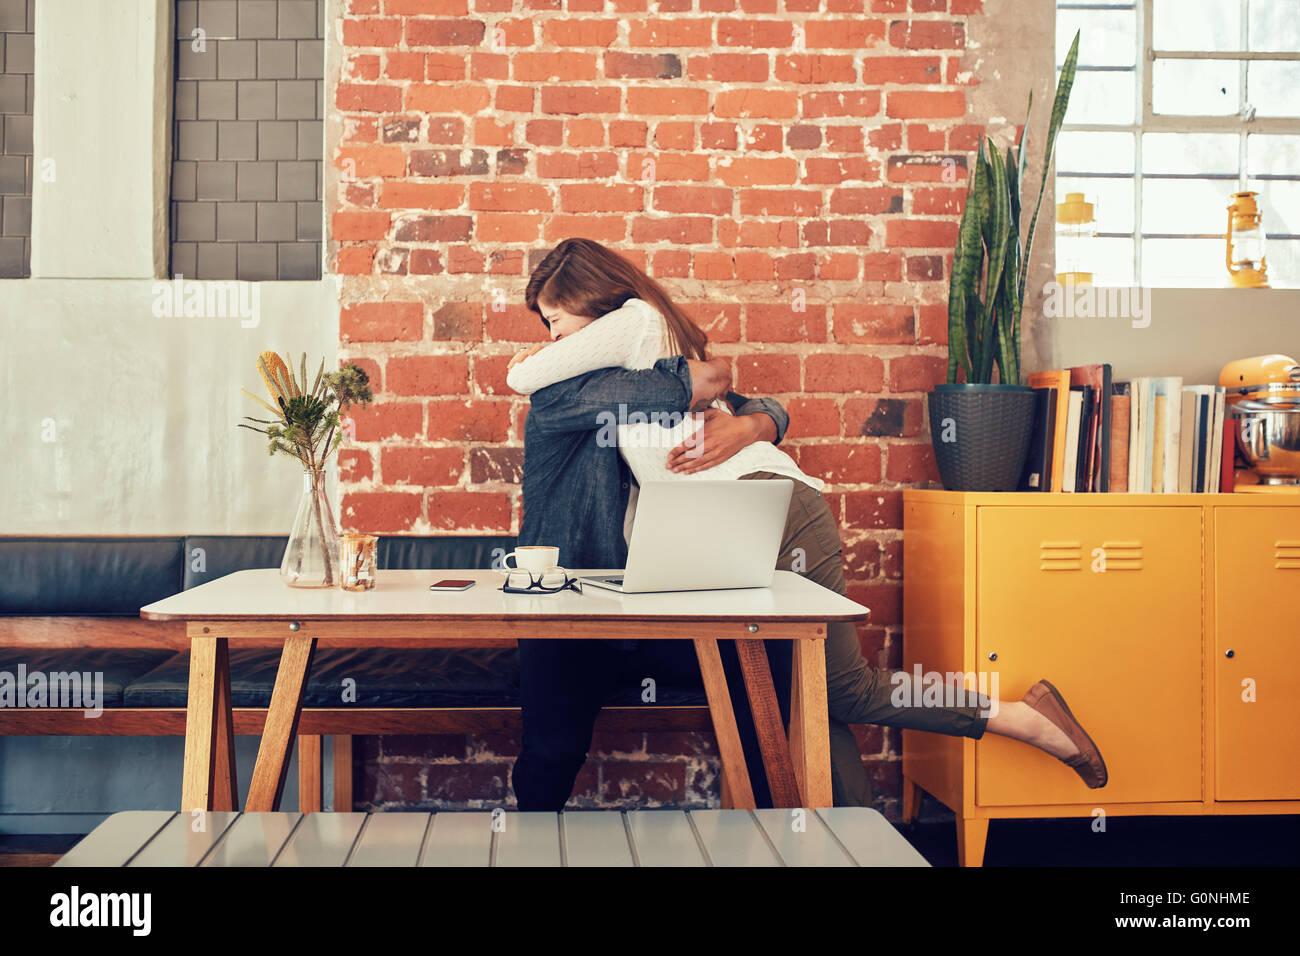 Portrait de l'homme et de la femme enlacés dans un café, couple rencontre dans un café. Photo Stock